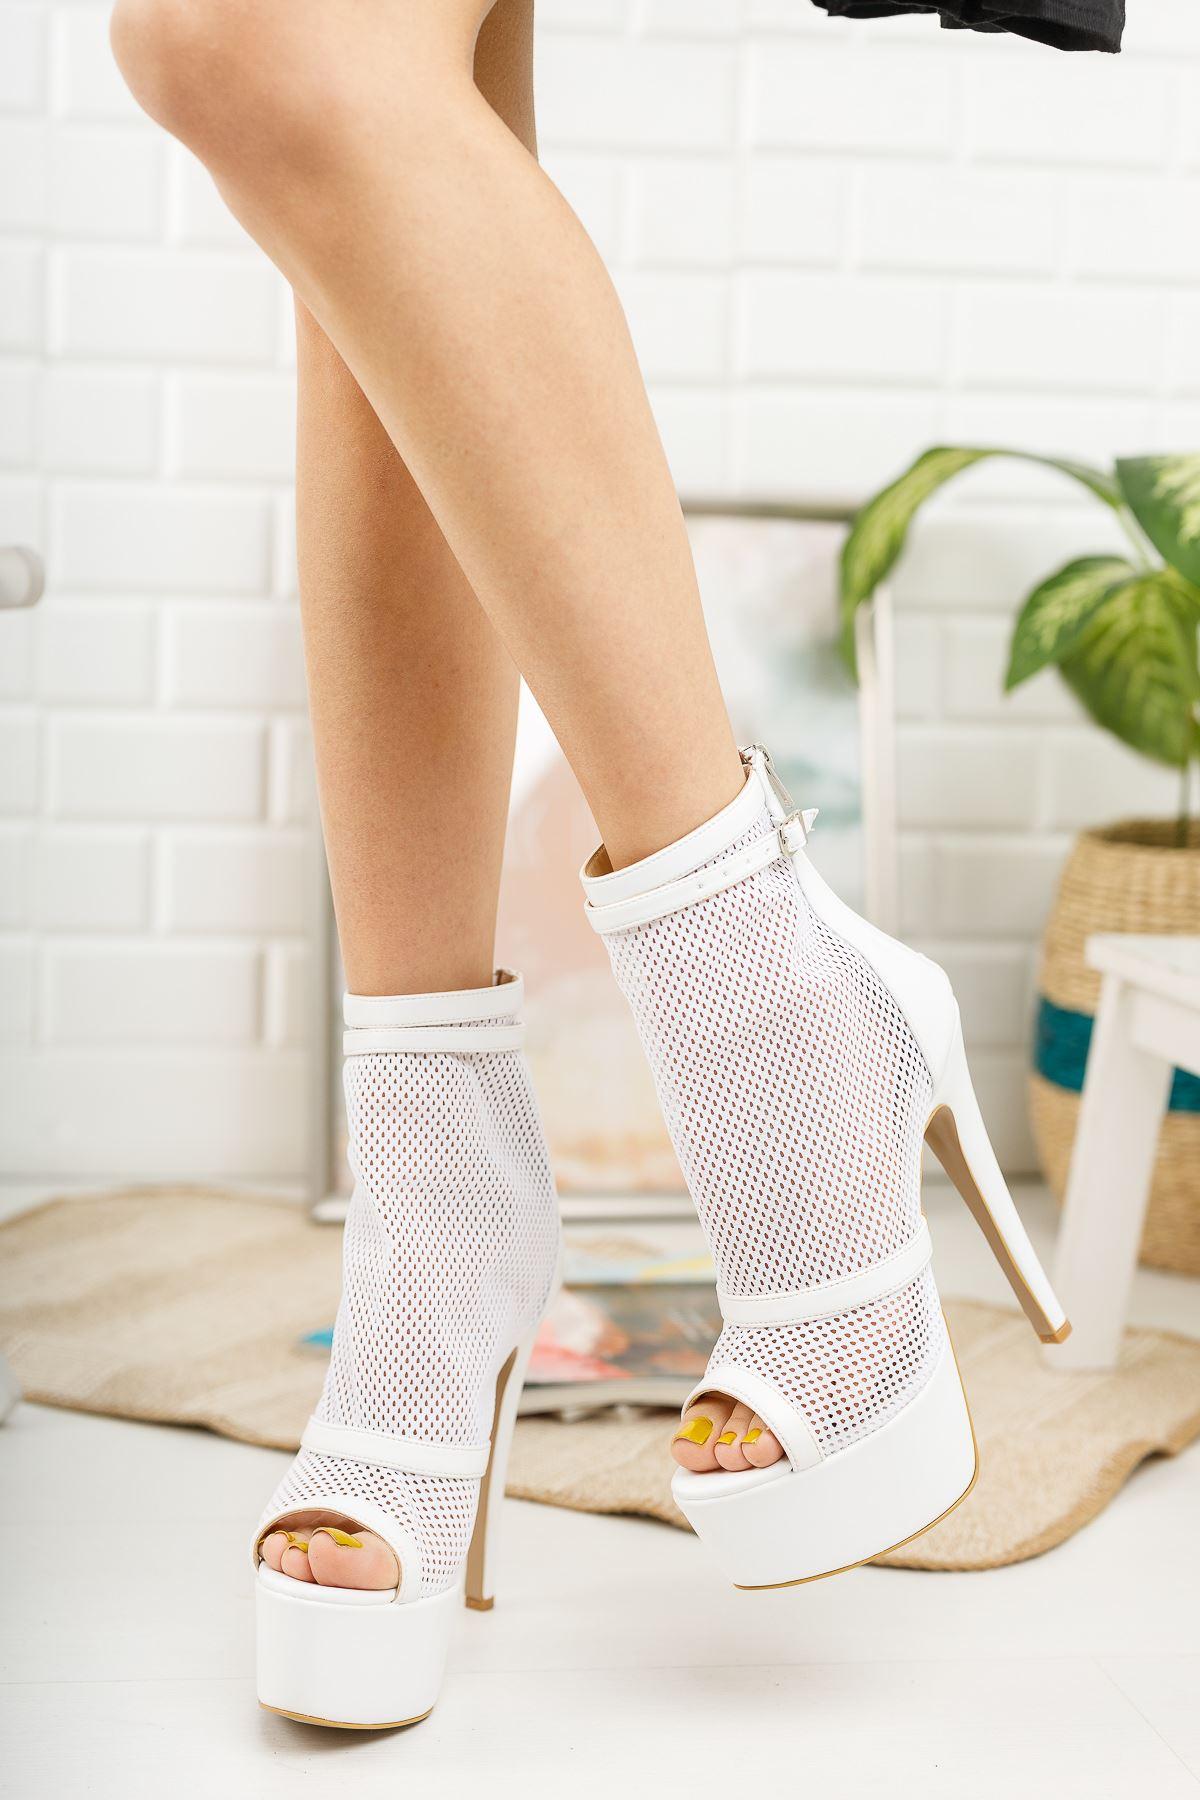 Reanda Beyaz Cilt Fileli Çift Baretli Yüksek Topuklu Ayakkabı